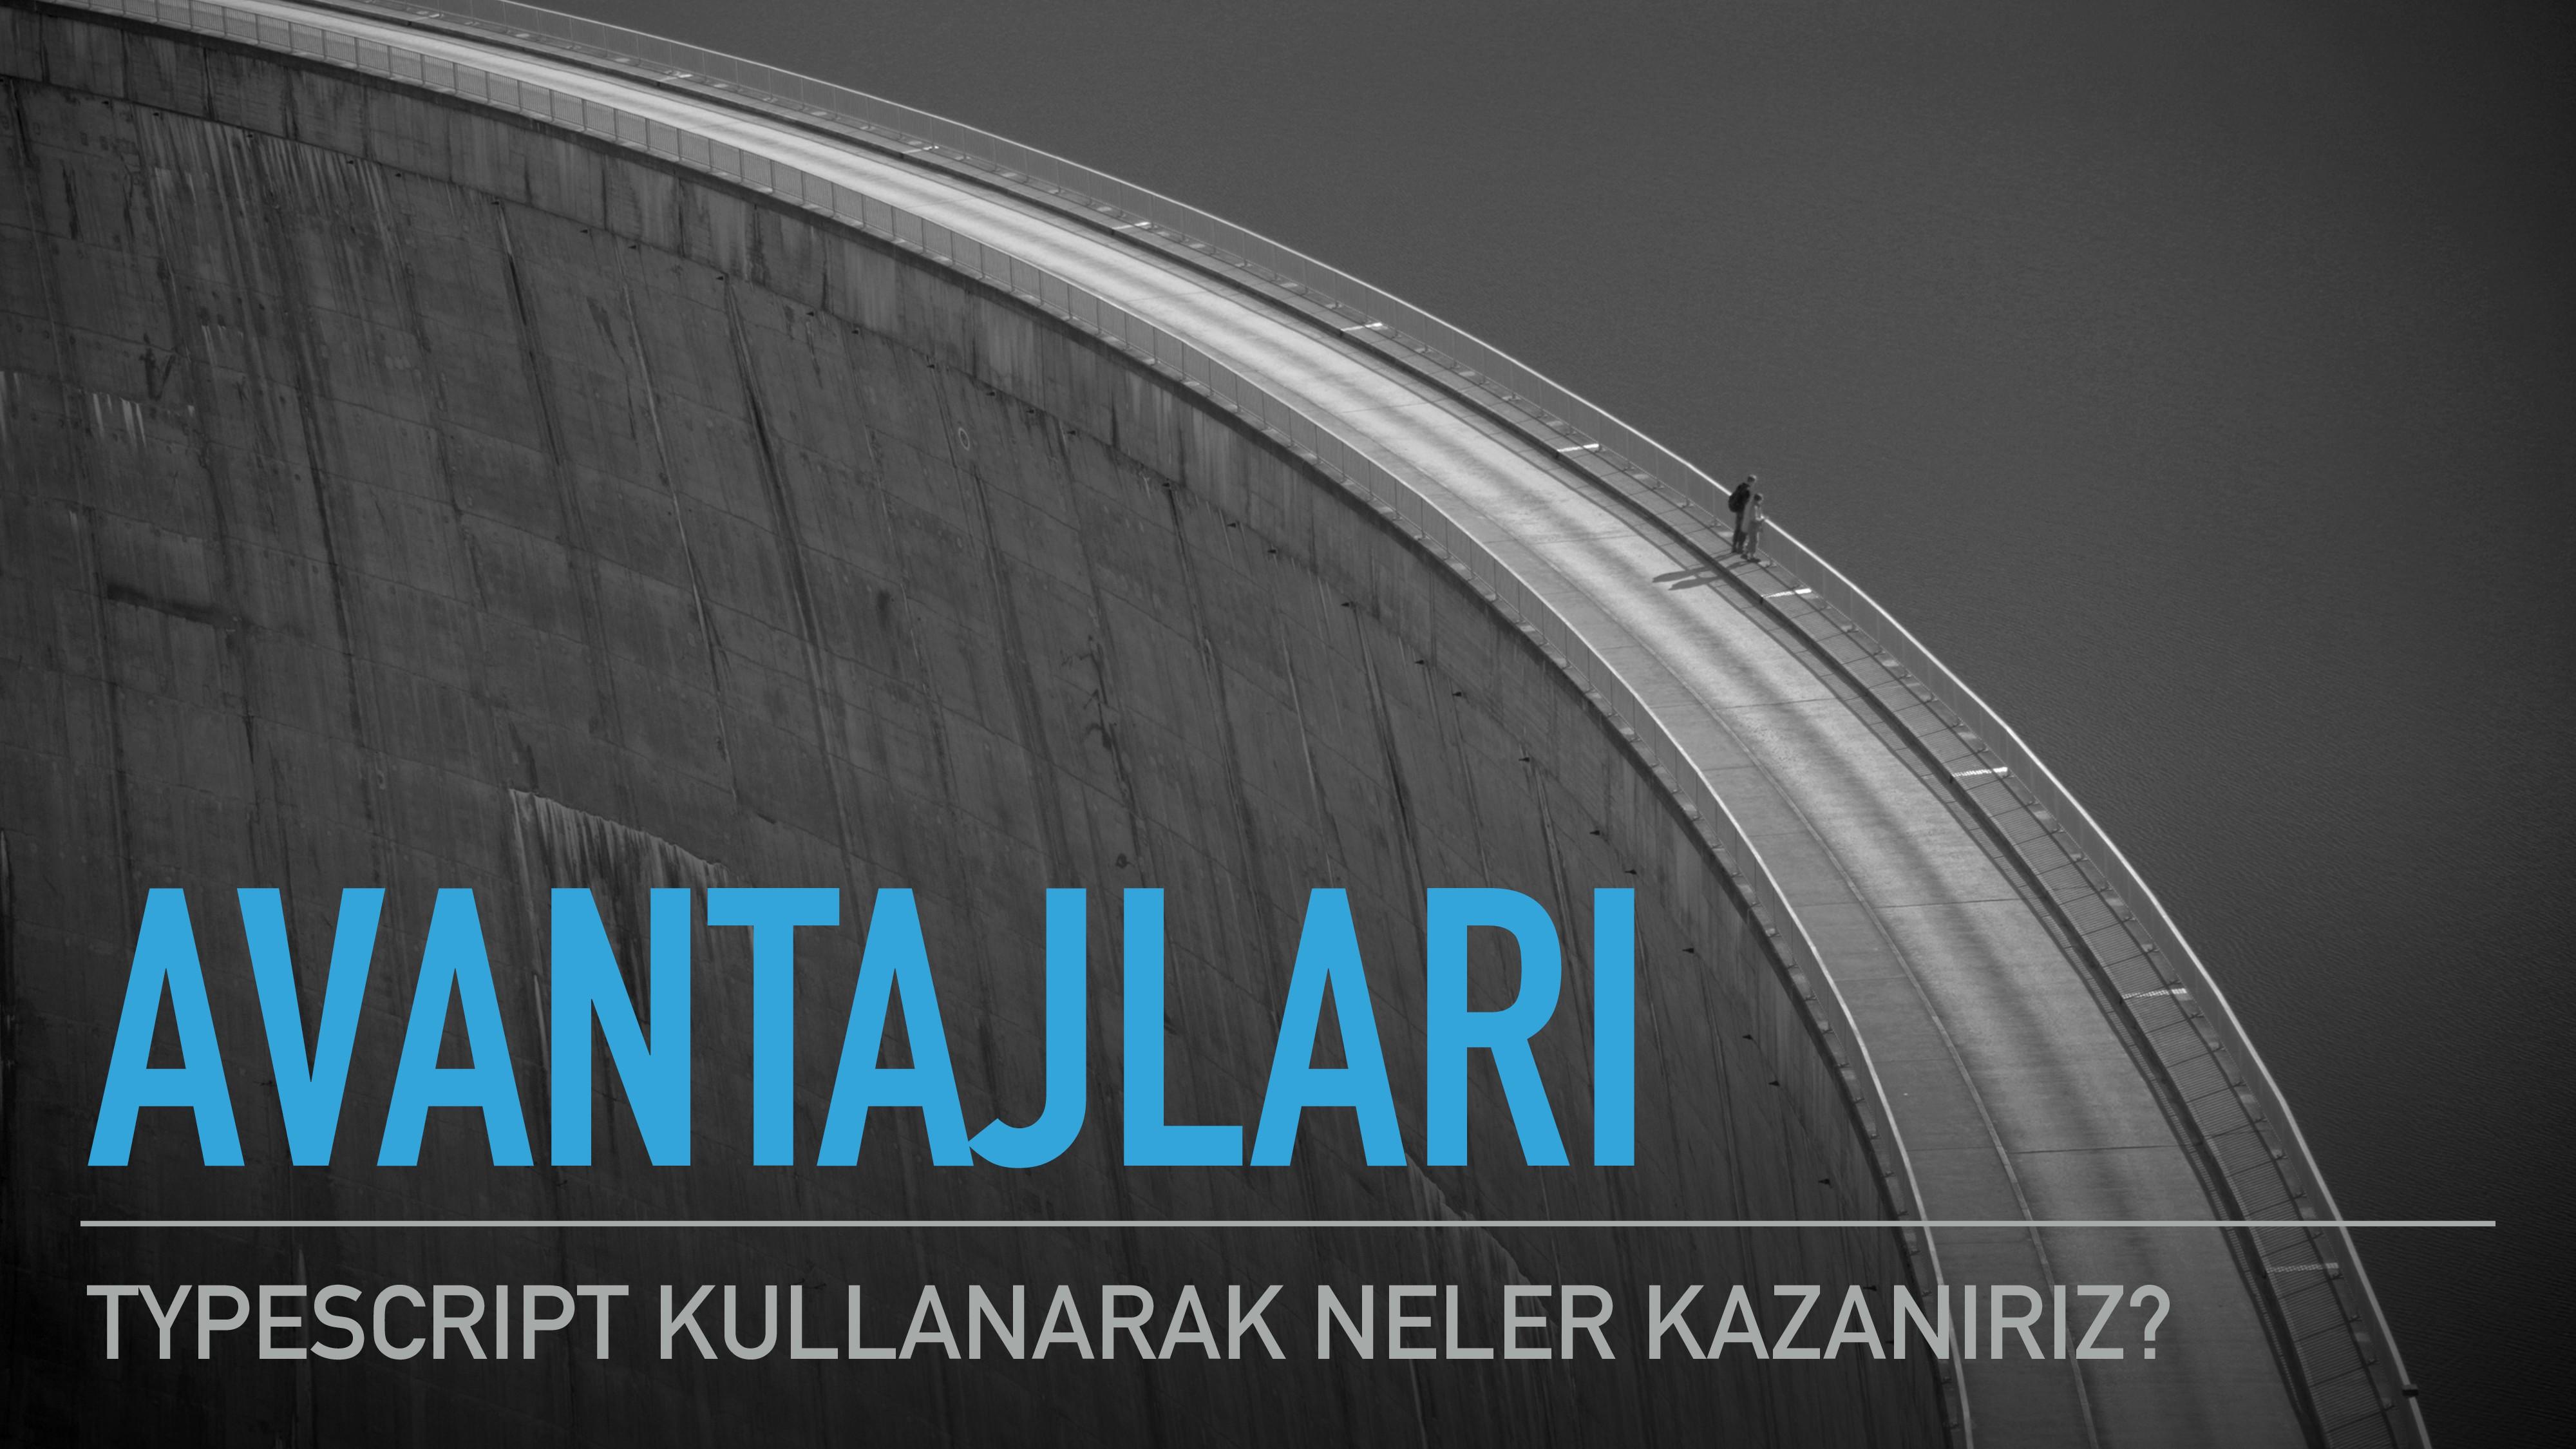 AVANTAJLARI TYPESCRIPT KULLANARAK NELER KAZANIR...